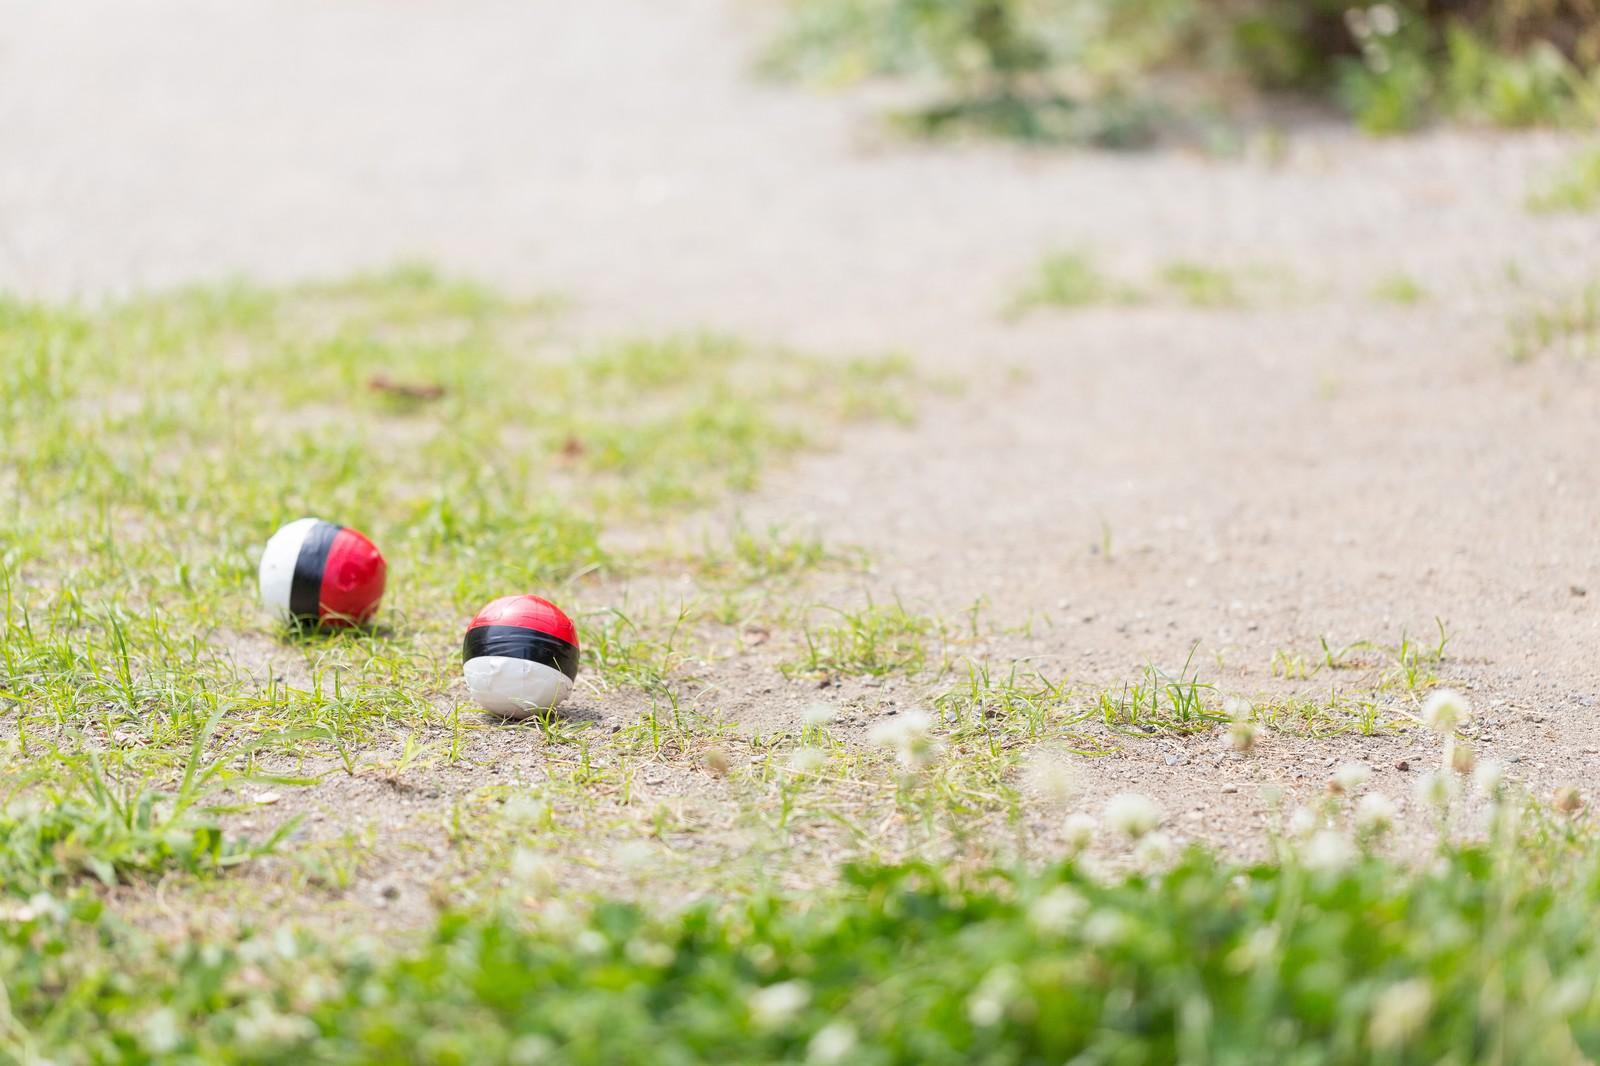 「まだユーザーも少ない紅白ボール」の写真